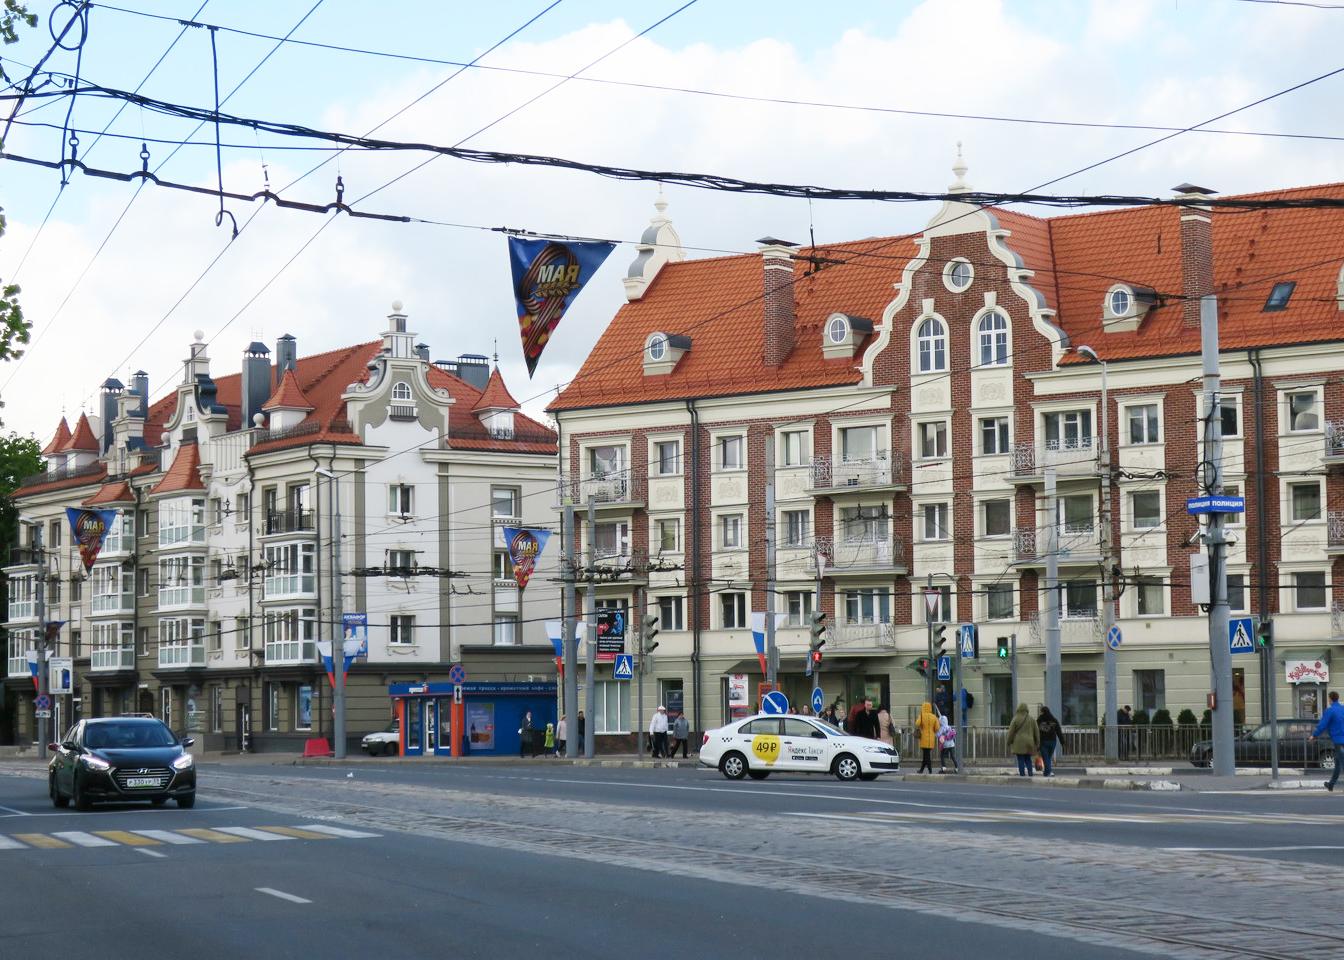 Streets of Kaliningrad